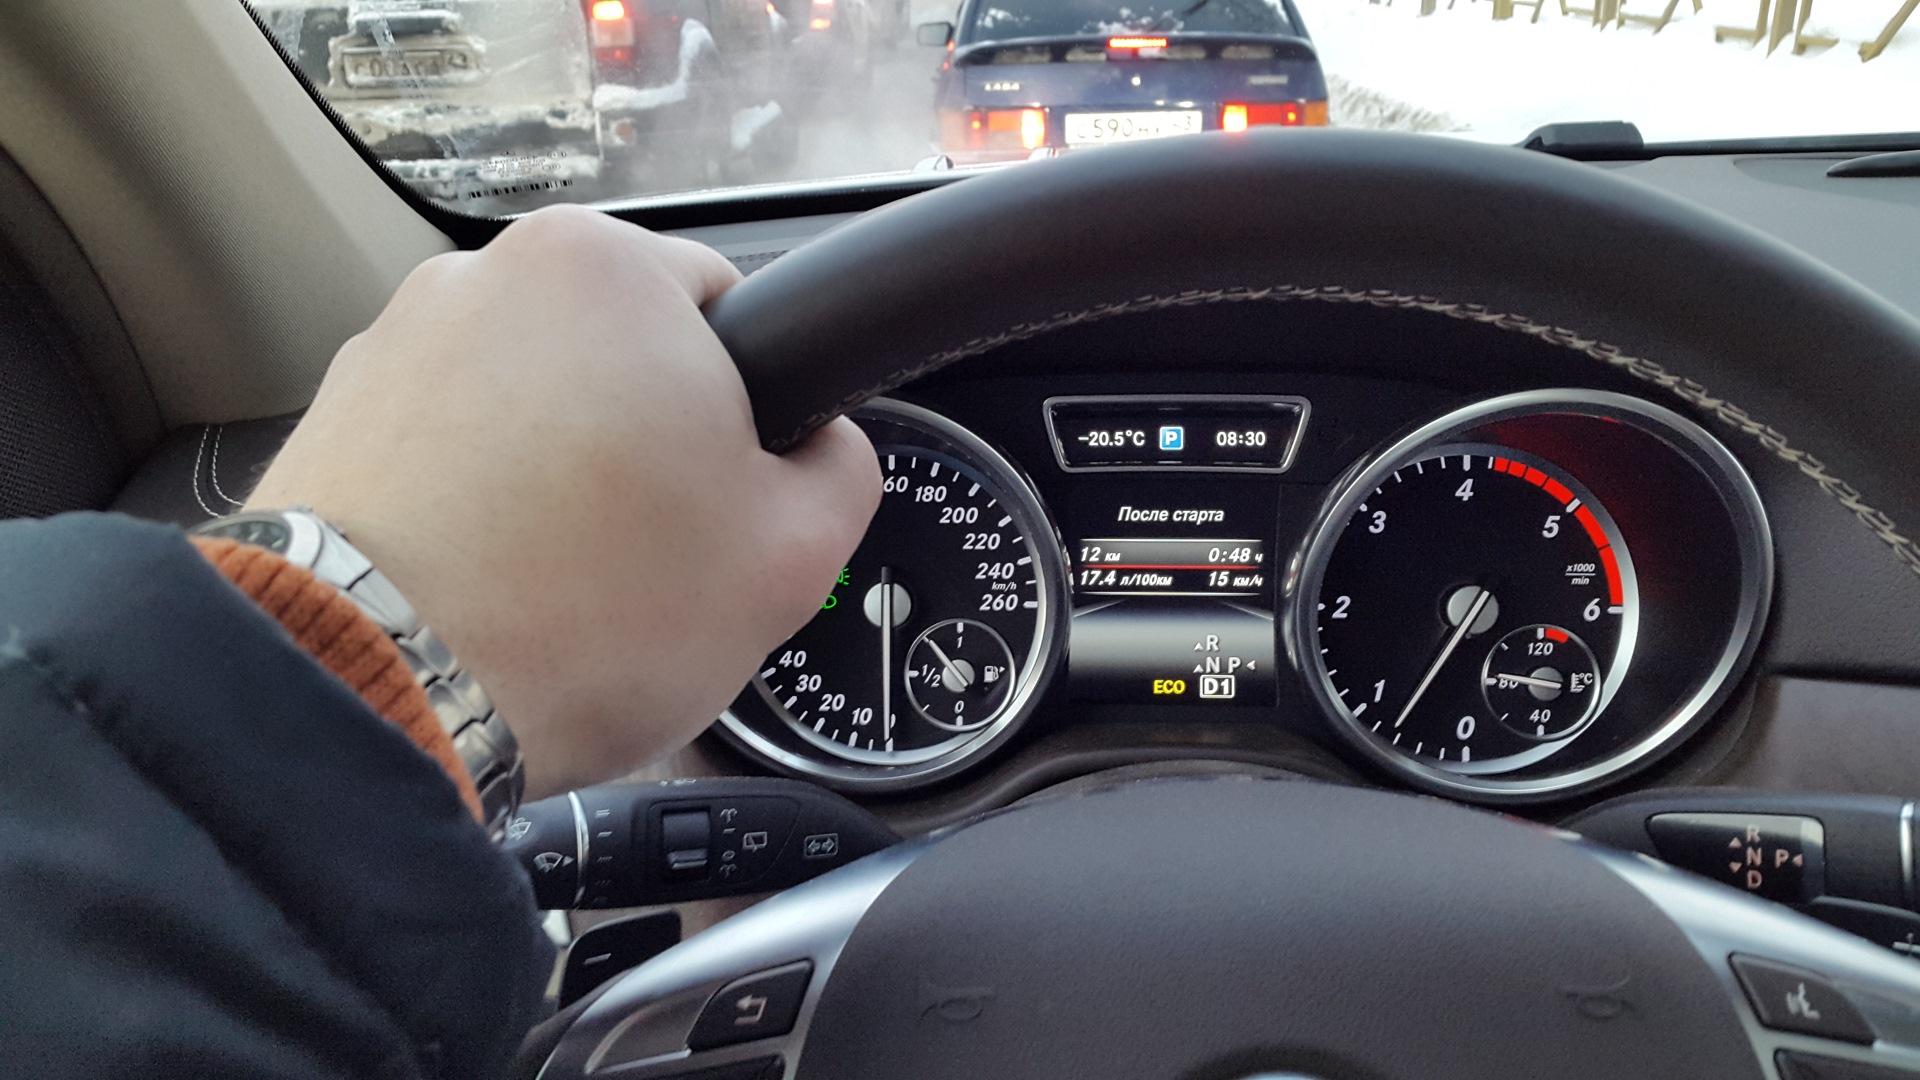 """Не попадайтесь Никите за рулём: Страховщики назвали самые """"аварийные"""" имена водителей"""